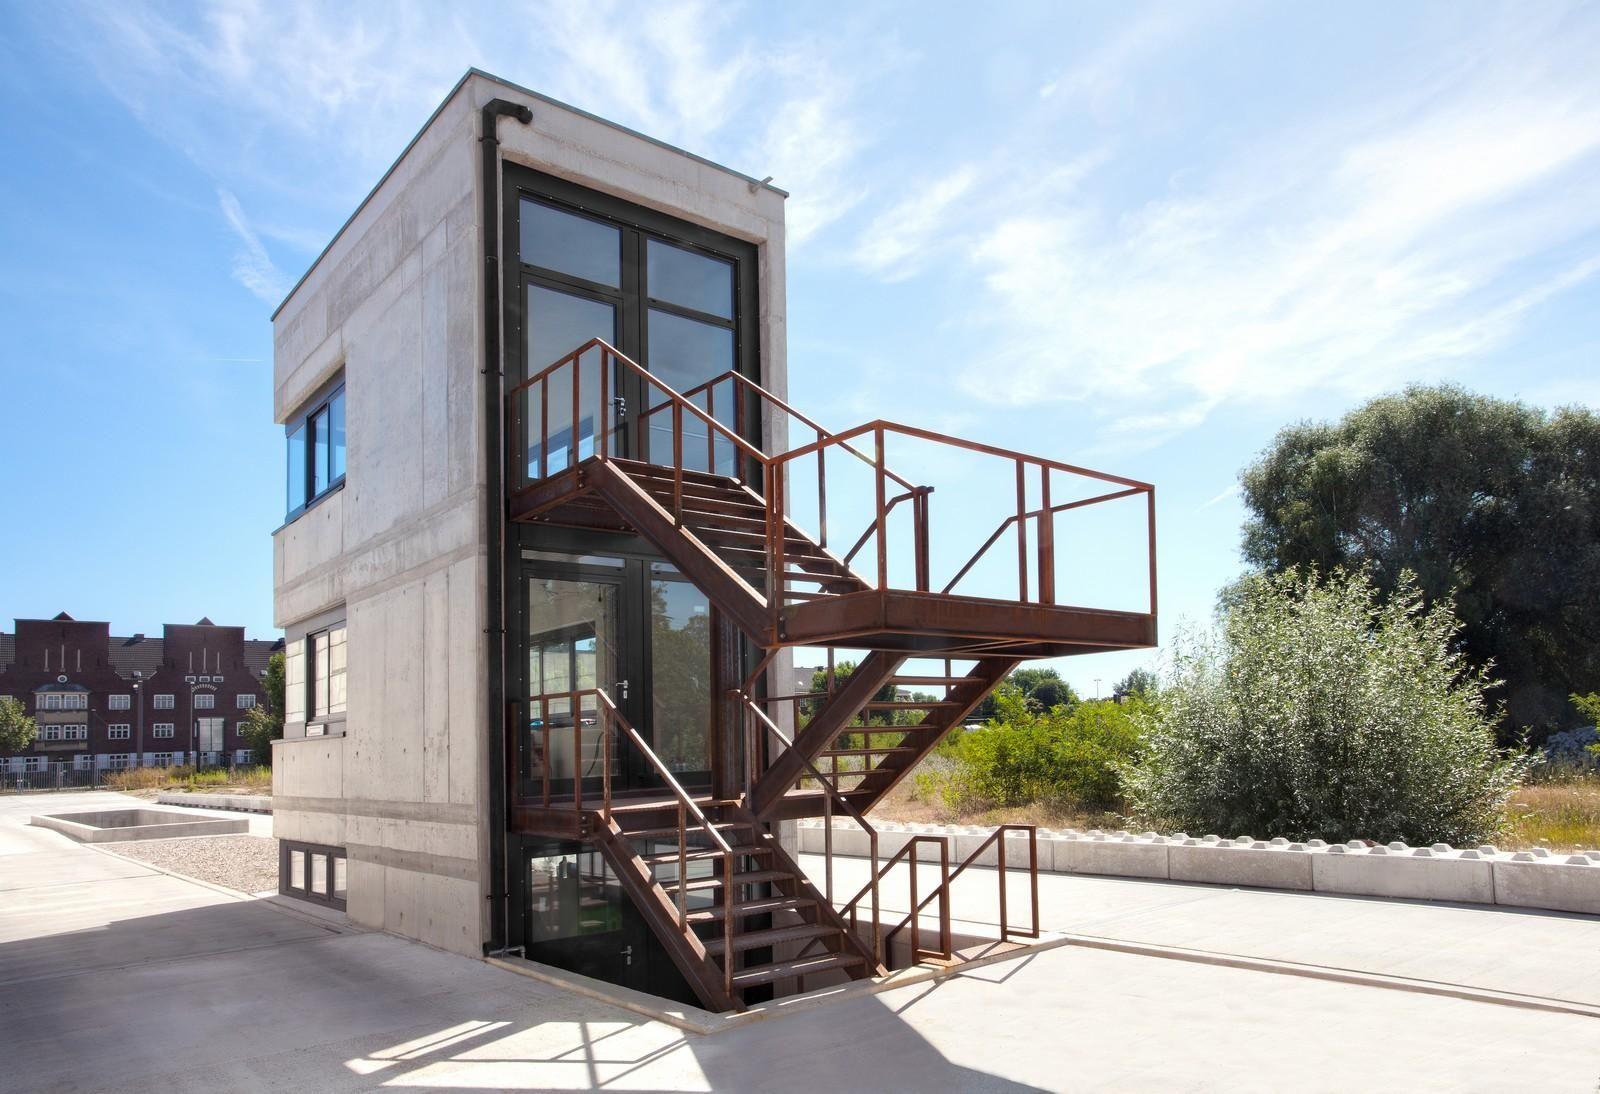 WAAGENTURM by Wilk-Salinas Architekten